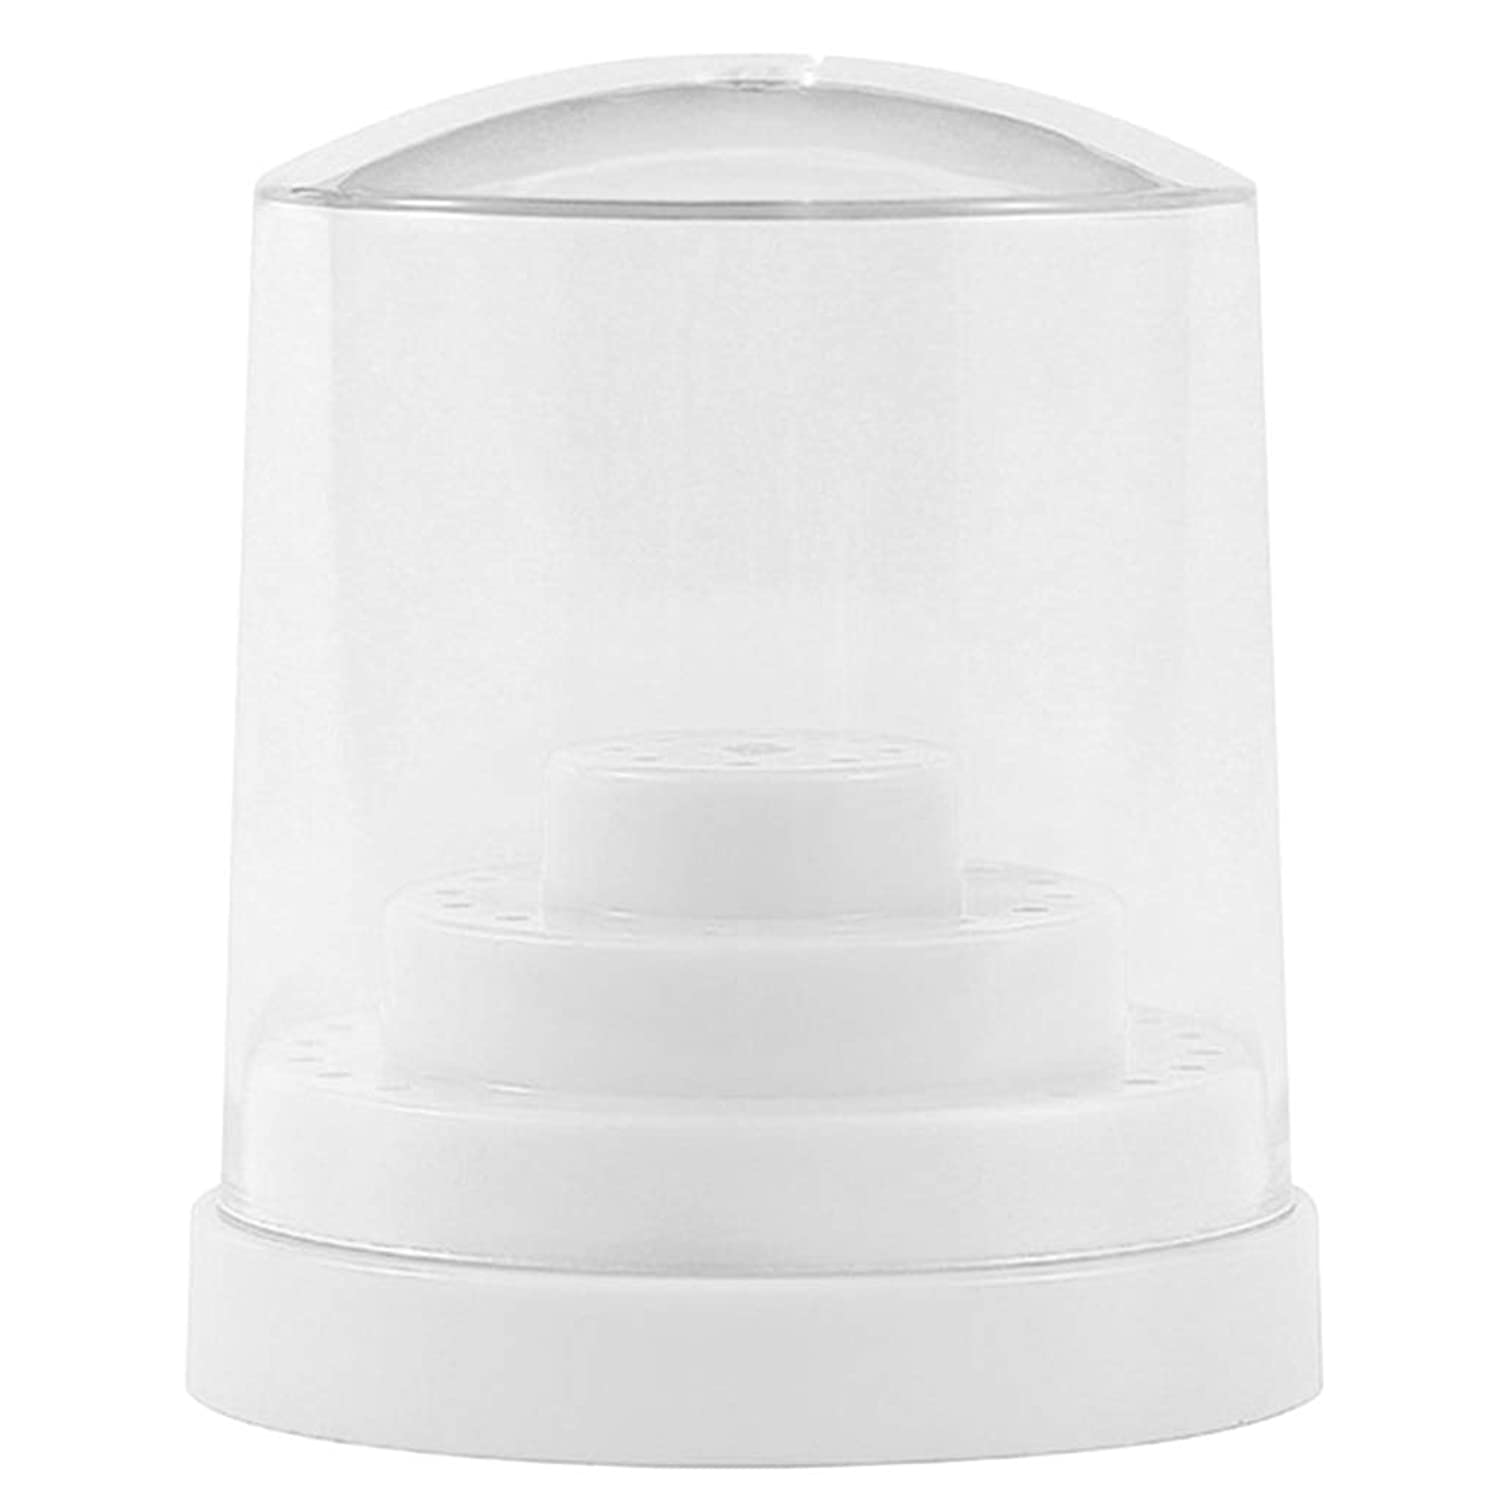 奪う命題札入れPerfeclan 三層48穴 ネイルドリルビットホルダー アクリル製 ネイルマシーン用ビットスタンド 防塵 全2色 - ホワイト